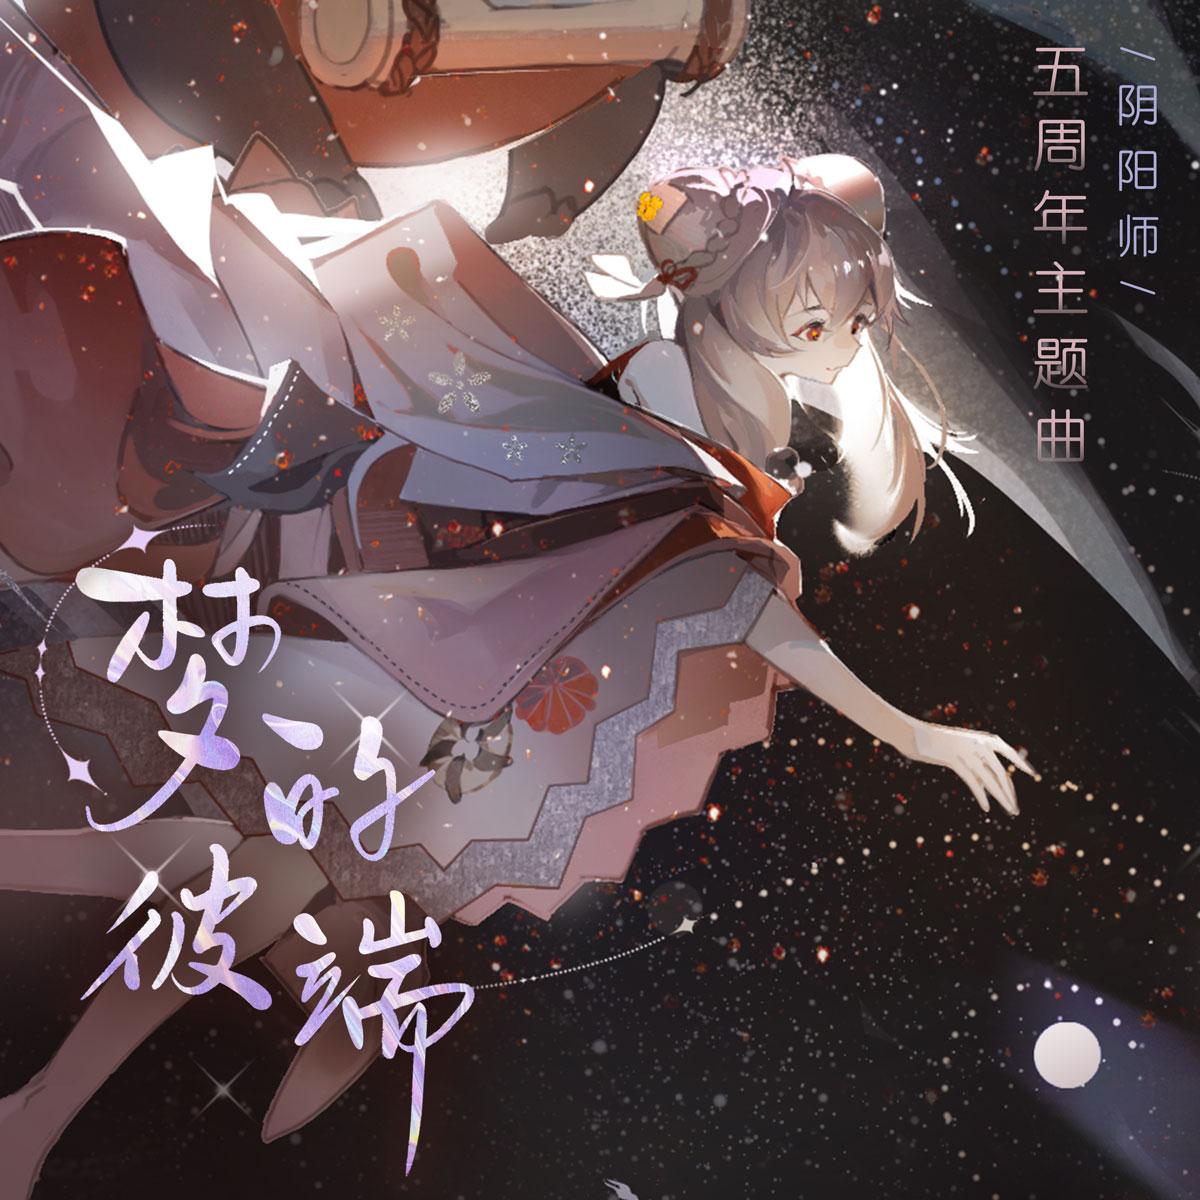 ゲーム「陰陽師本格幻想RPG」5周年記念テーマソング